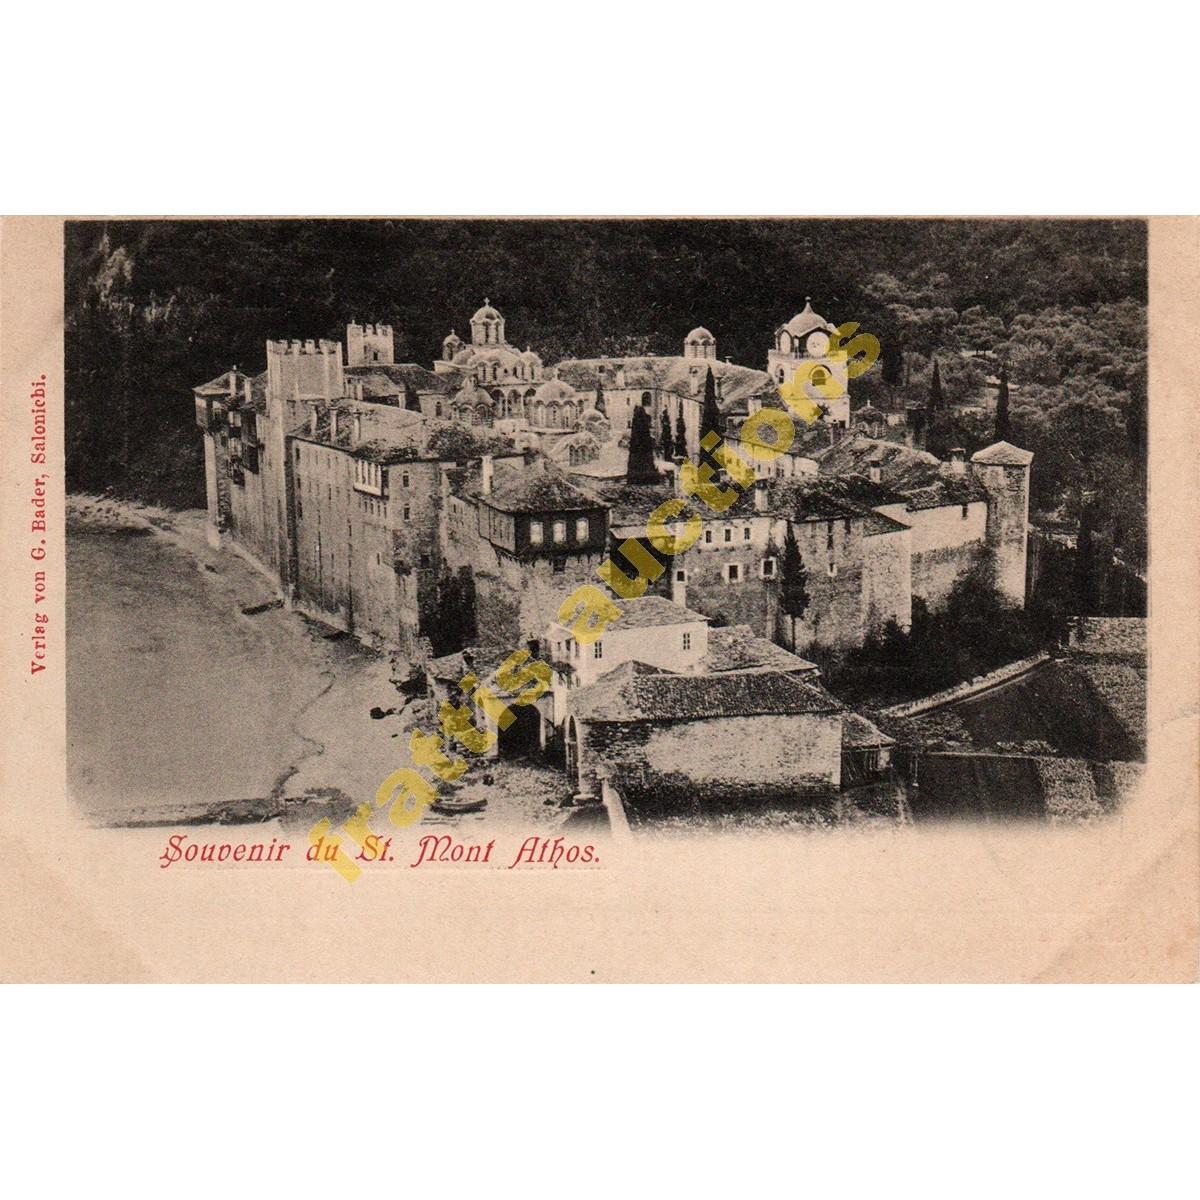 Ι.Μ. ΕΣΦΙΓΜΕΝΟΥ, Souvenir du St. Mont Athos, Verlag von G. Bader, Solonichi.